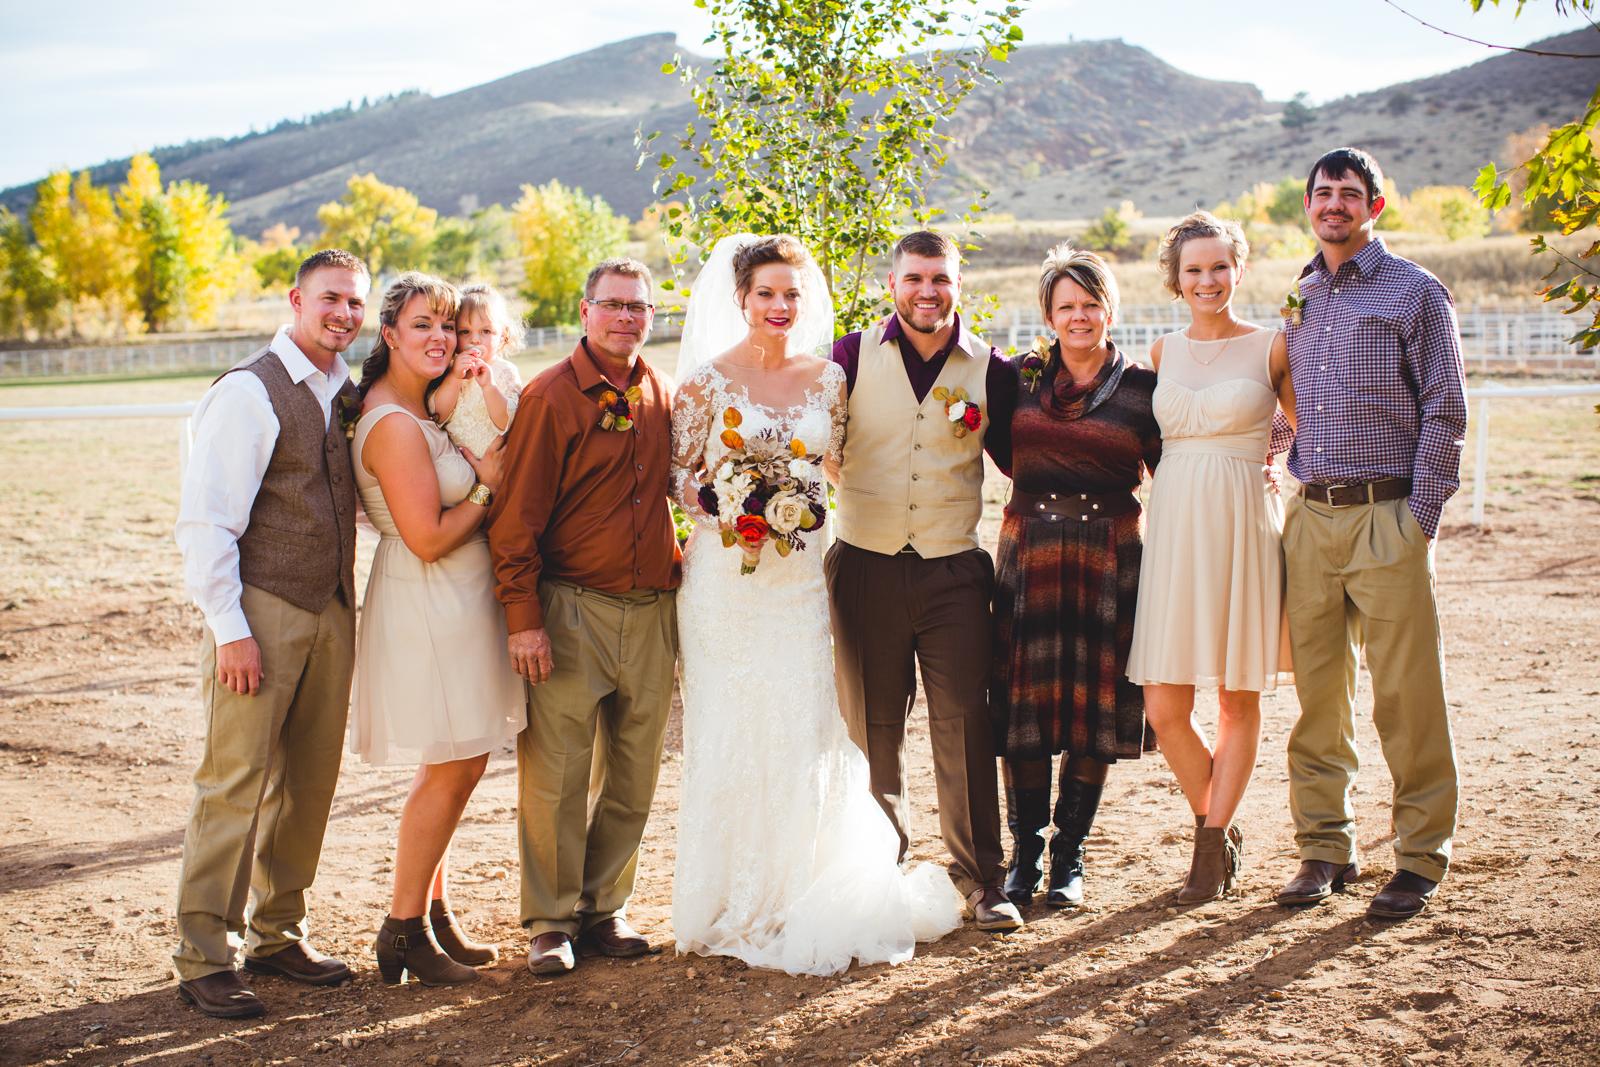 weddingparty-92.jpg